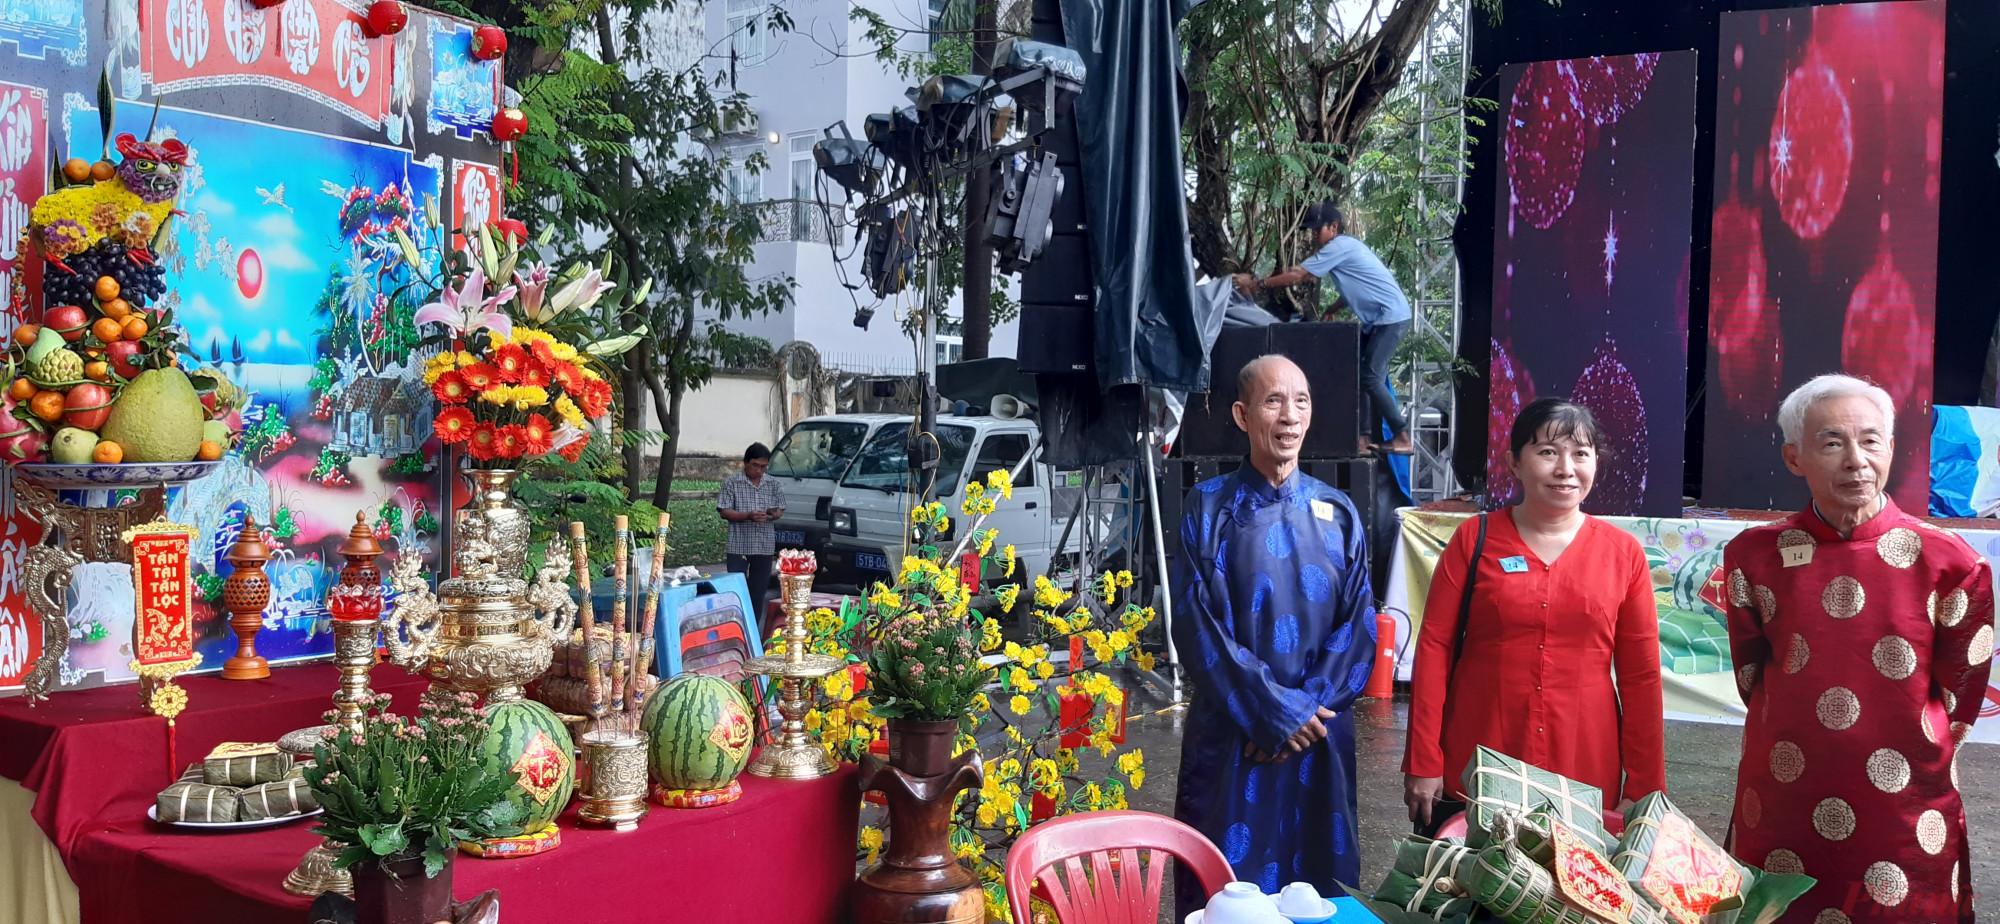 Bàn thờ giành giải nhất hội thi của đơn vị phường 14